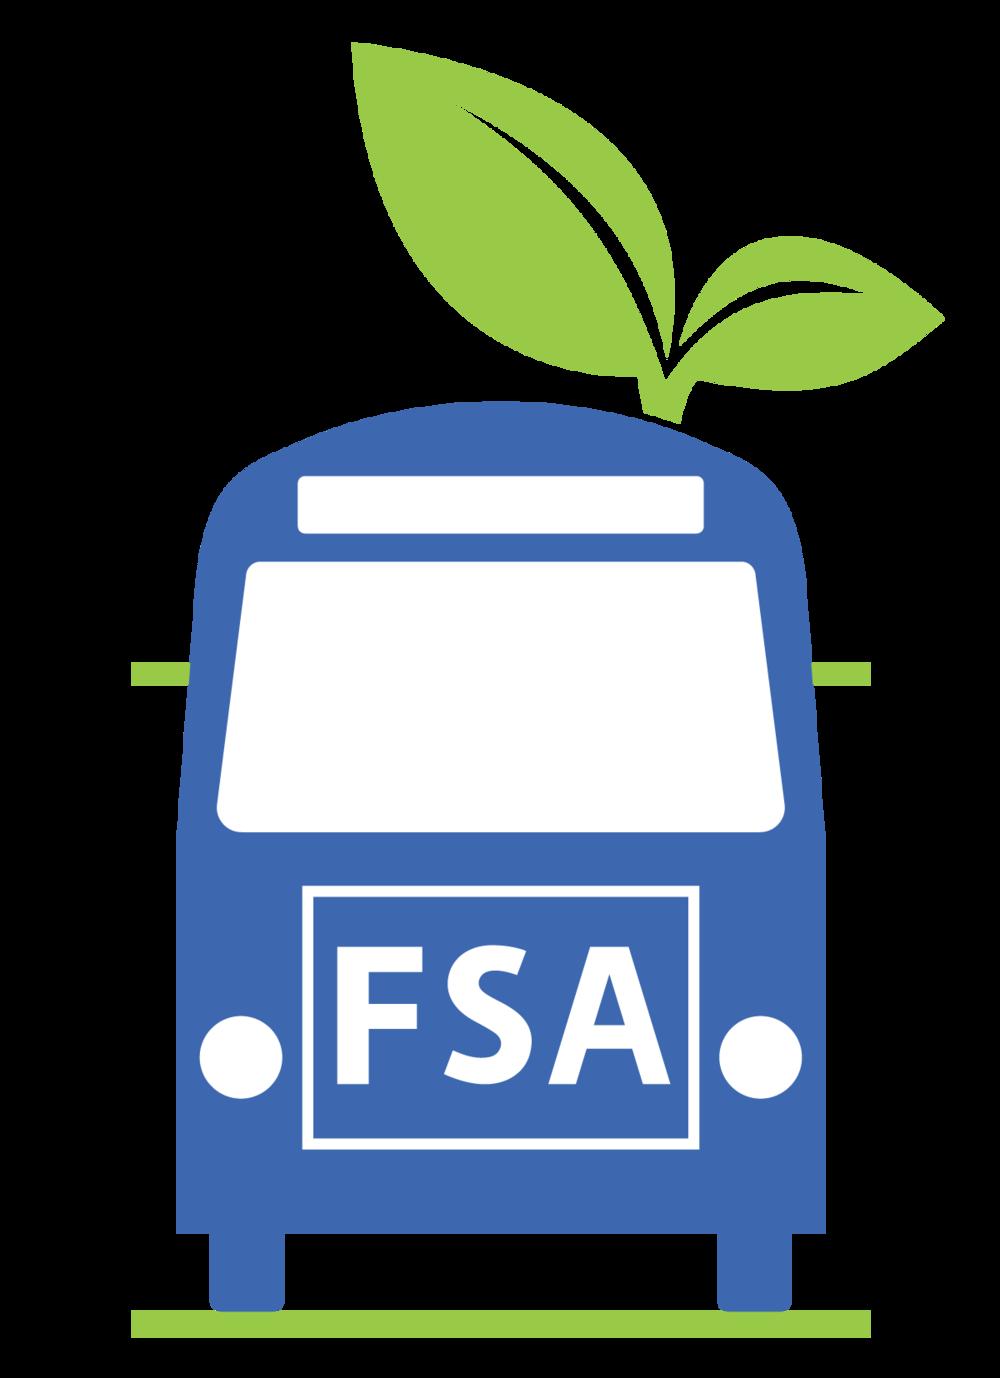 FSA-Leaf-Logo.png